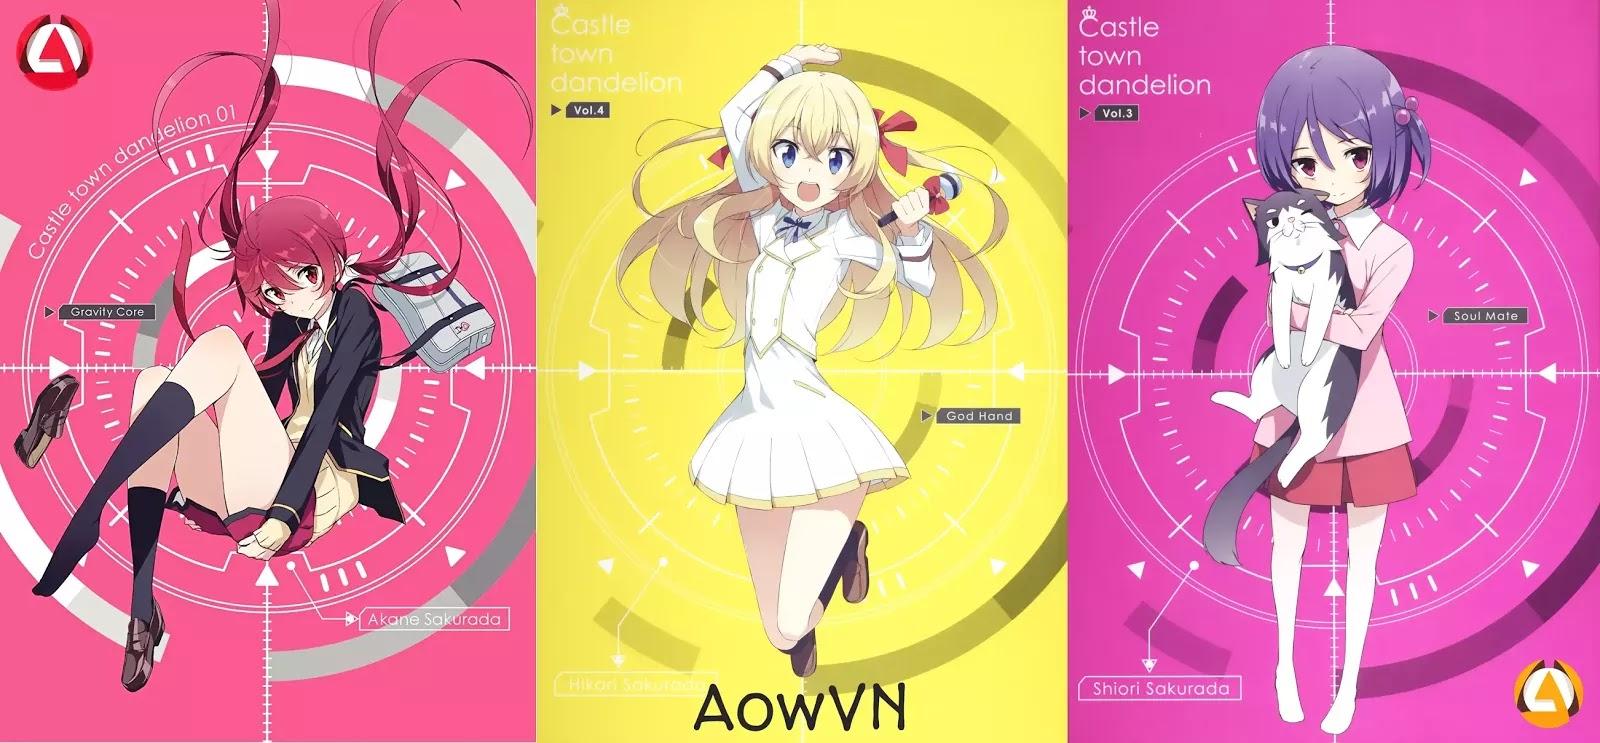 AowVN.org m%2B%25282%2529 - [ Anime 3gp Mp4 ] Joukamachi no Dandelion - Castle town dandelion | Vietsub - cực hay